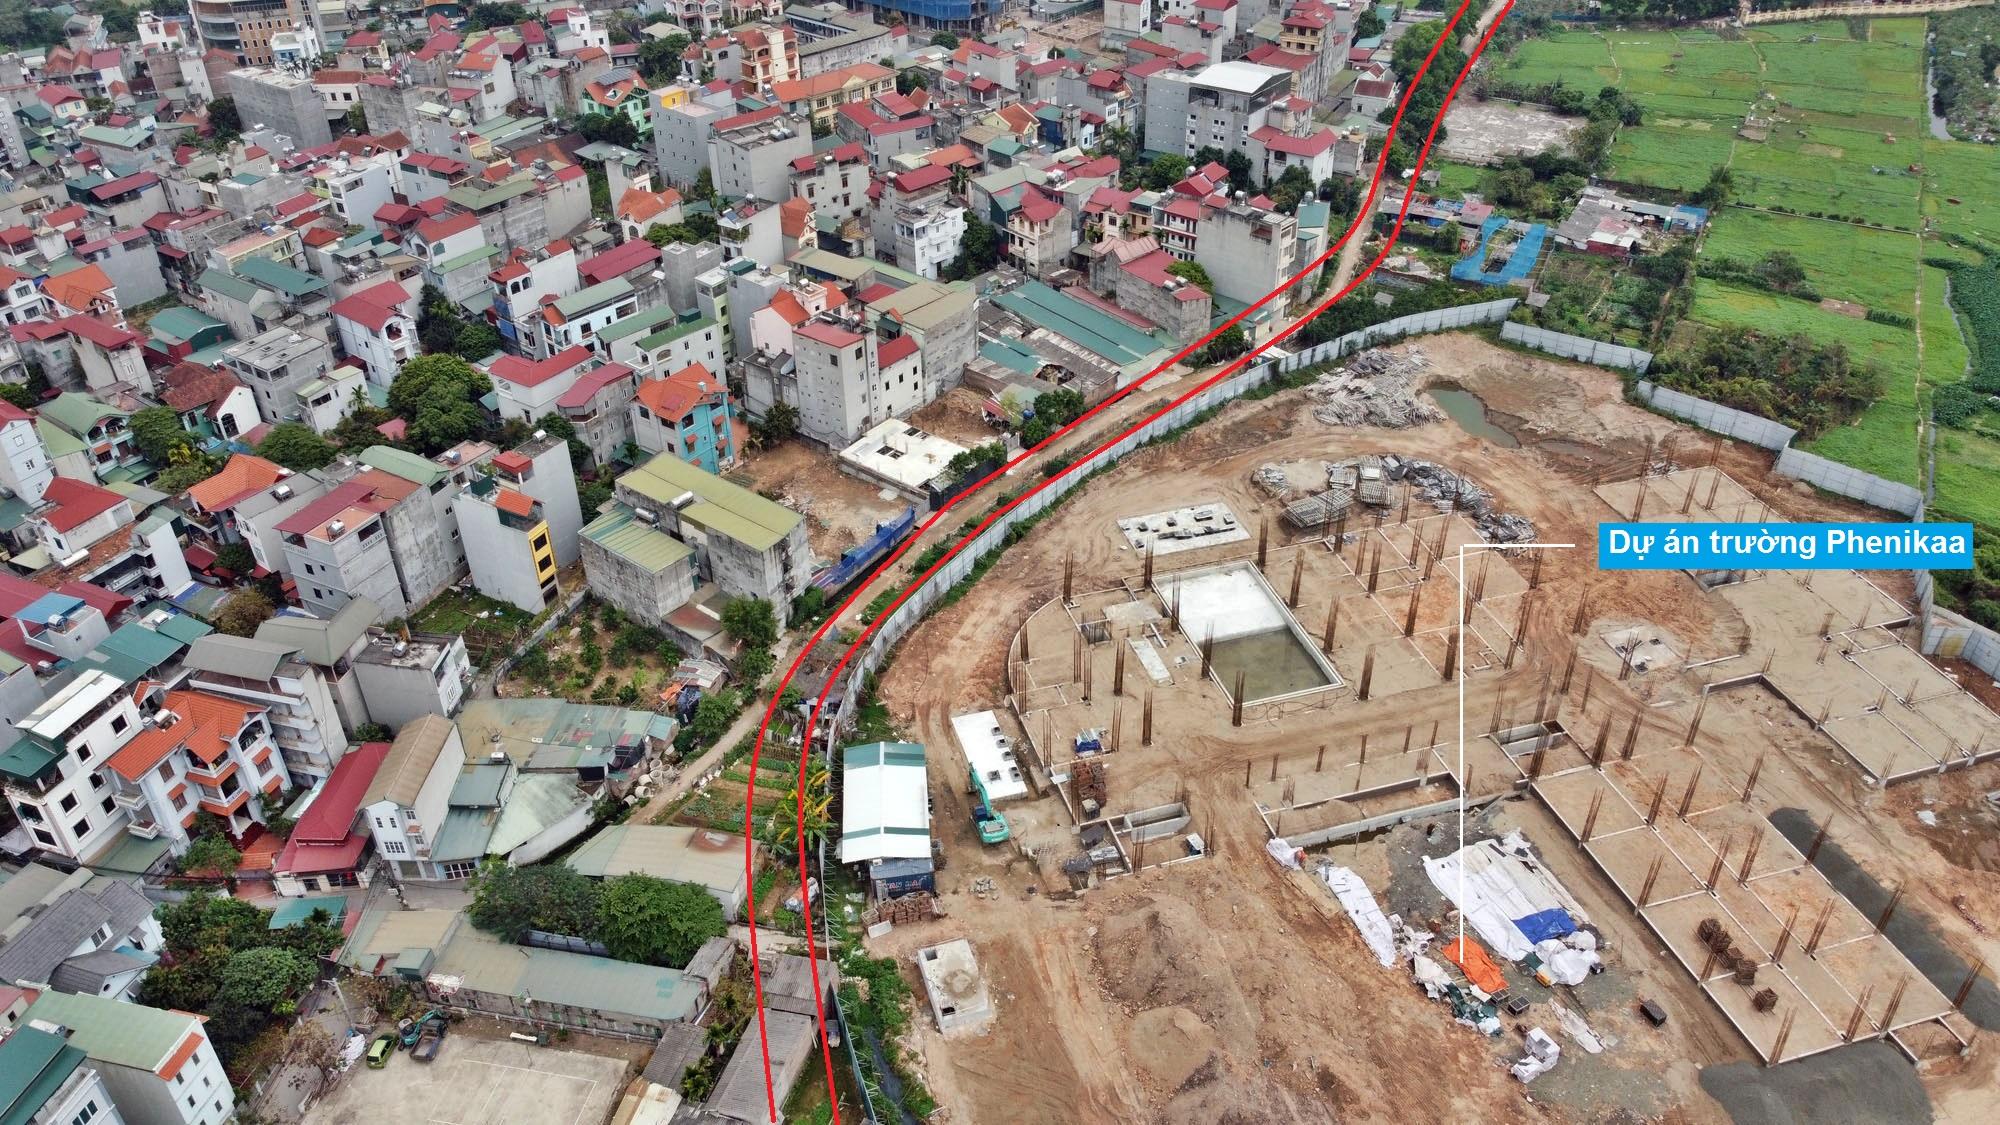 Ba đường sẽ mở theo quy hoạch ở phường Phương Canh, Nam Từ Liêm, Hà Nội (phần 2) - Ảnh 10.